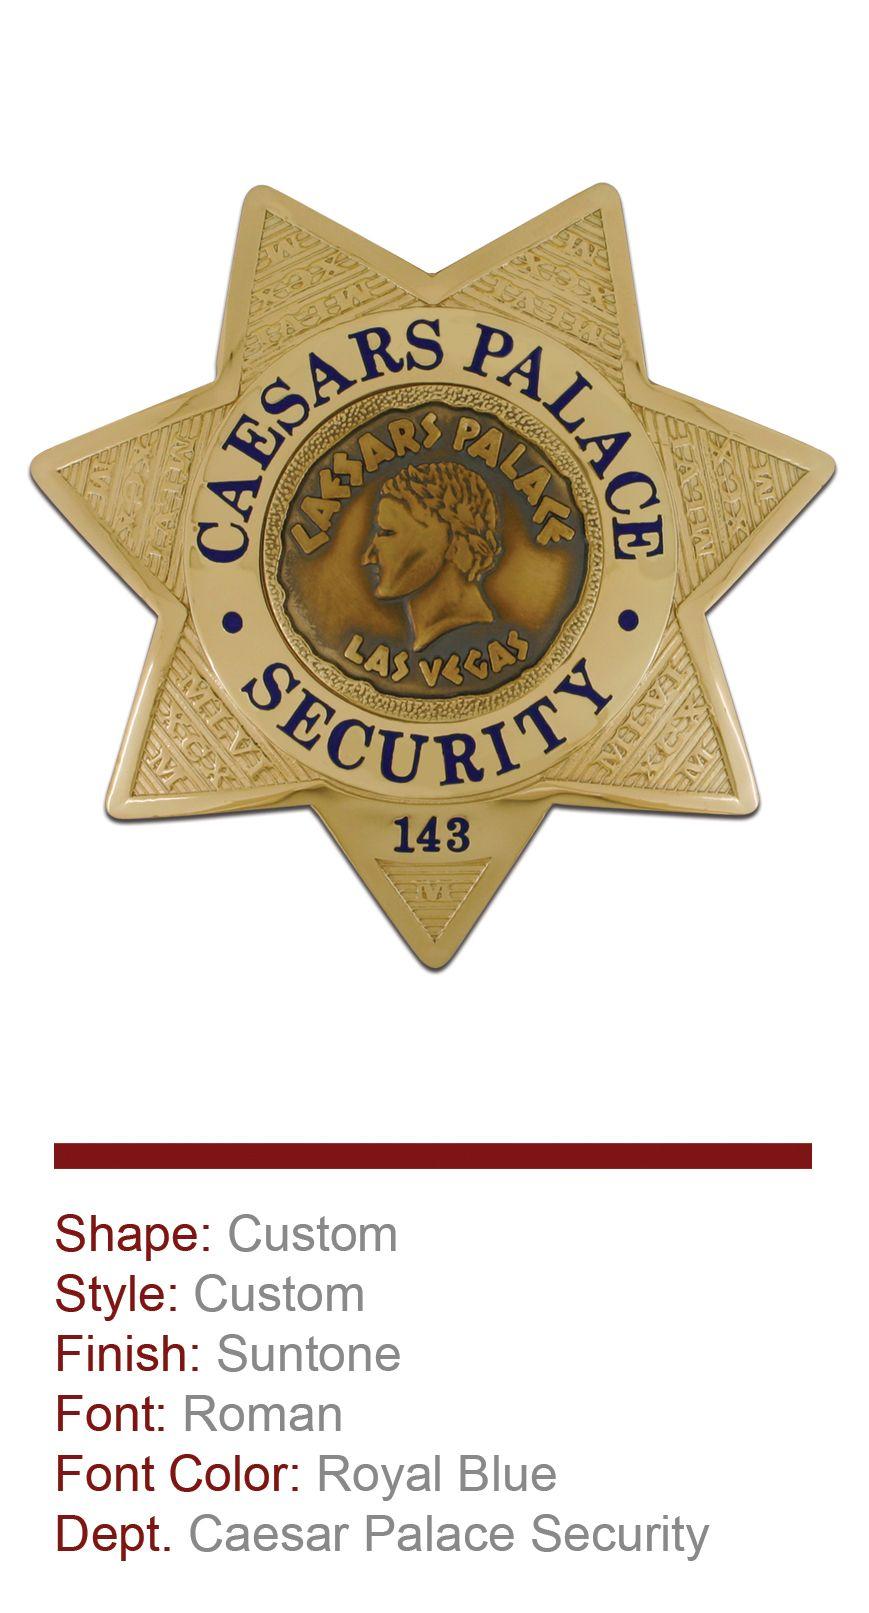 Caesar Palace Security